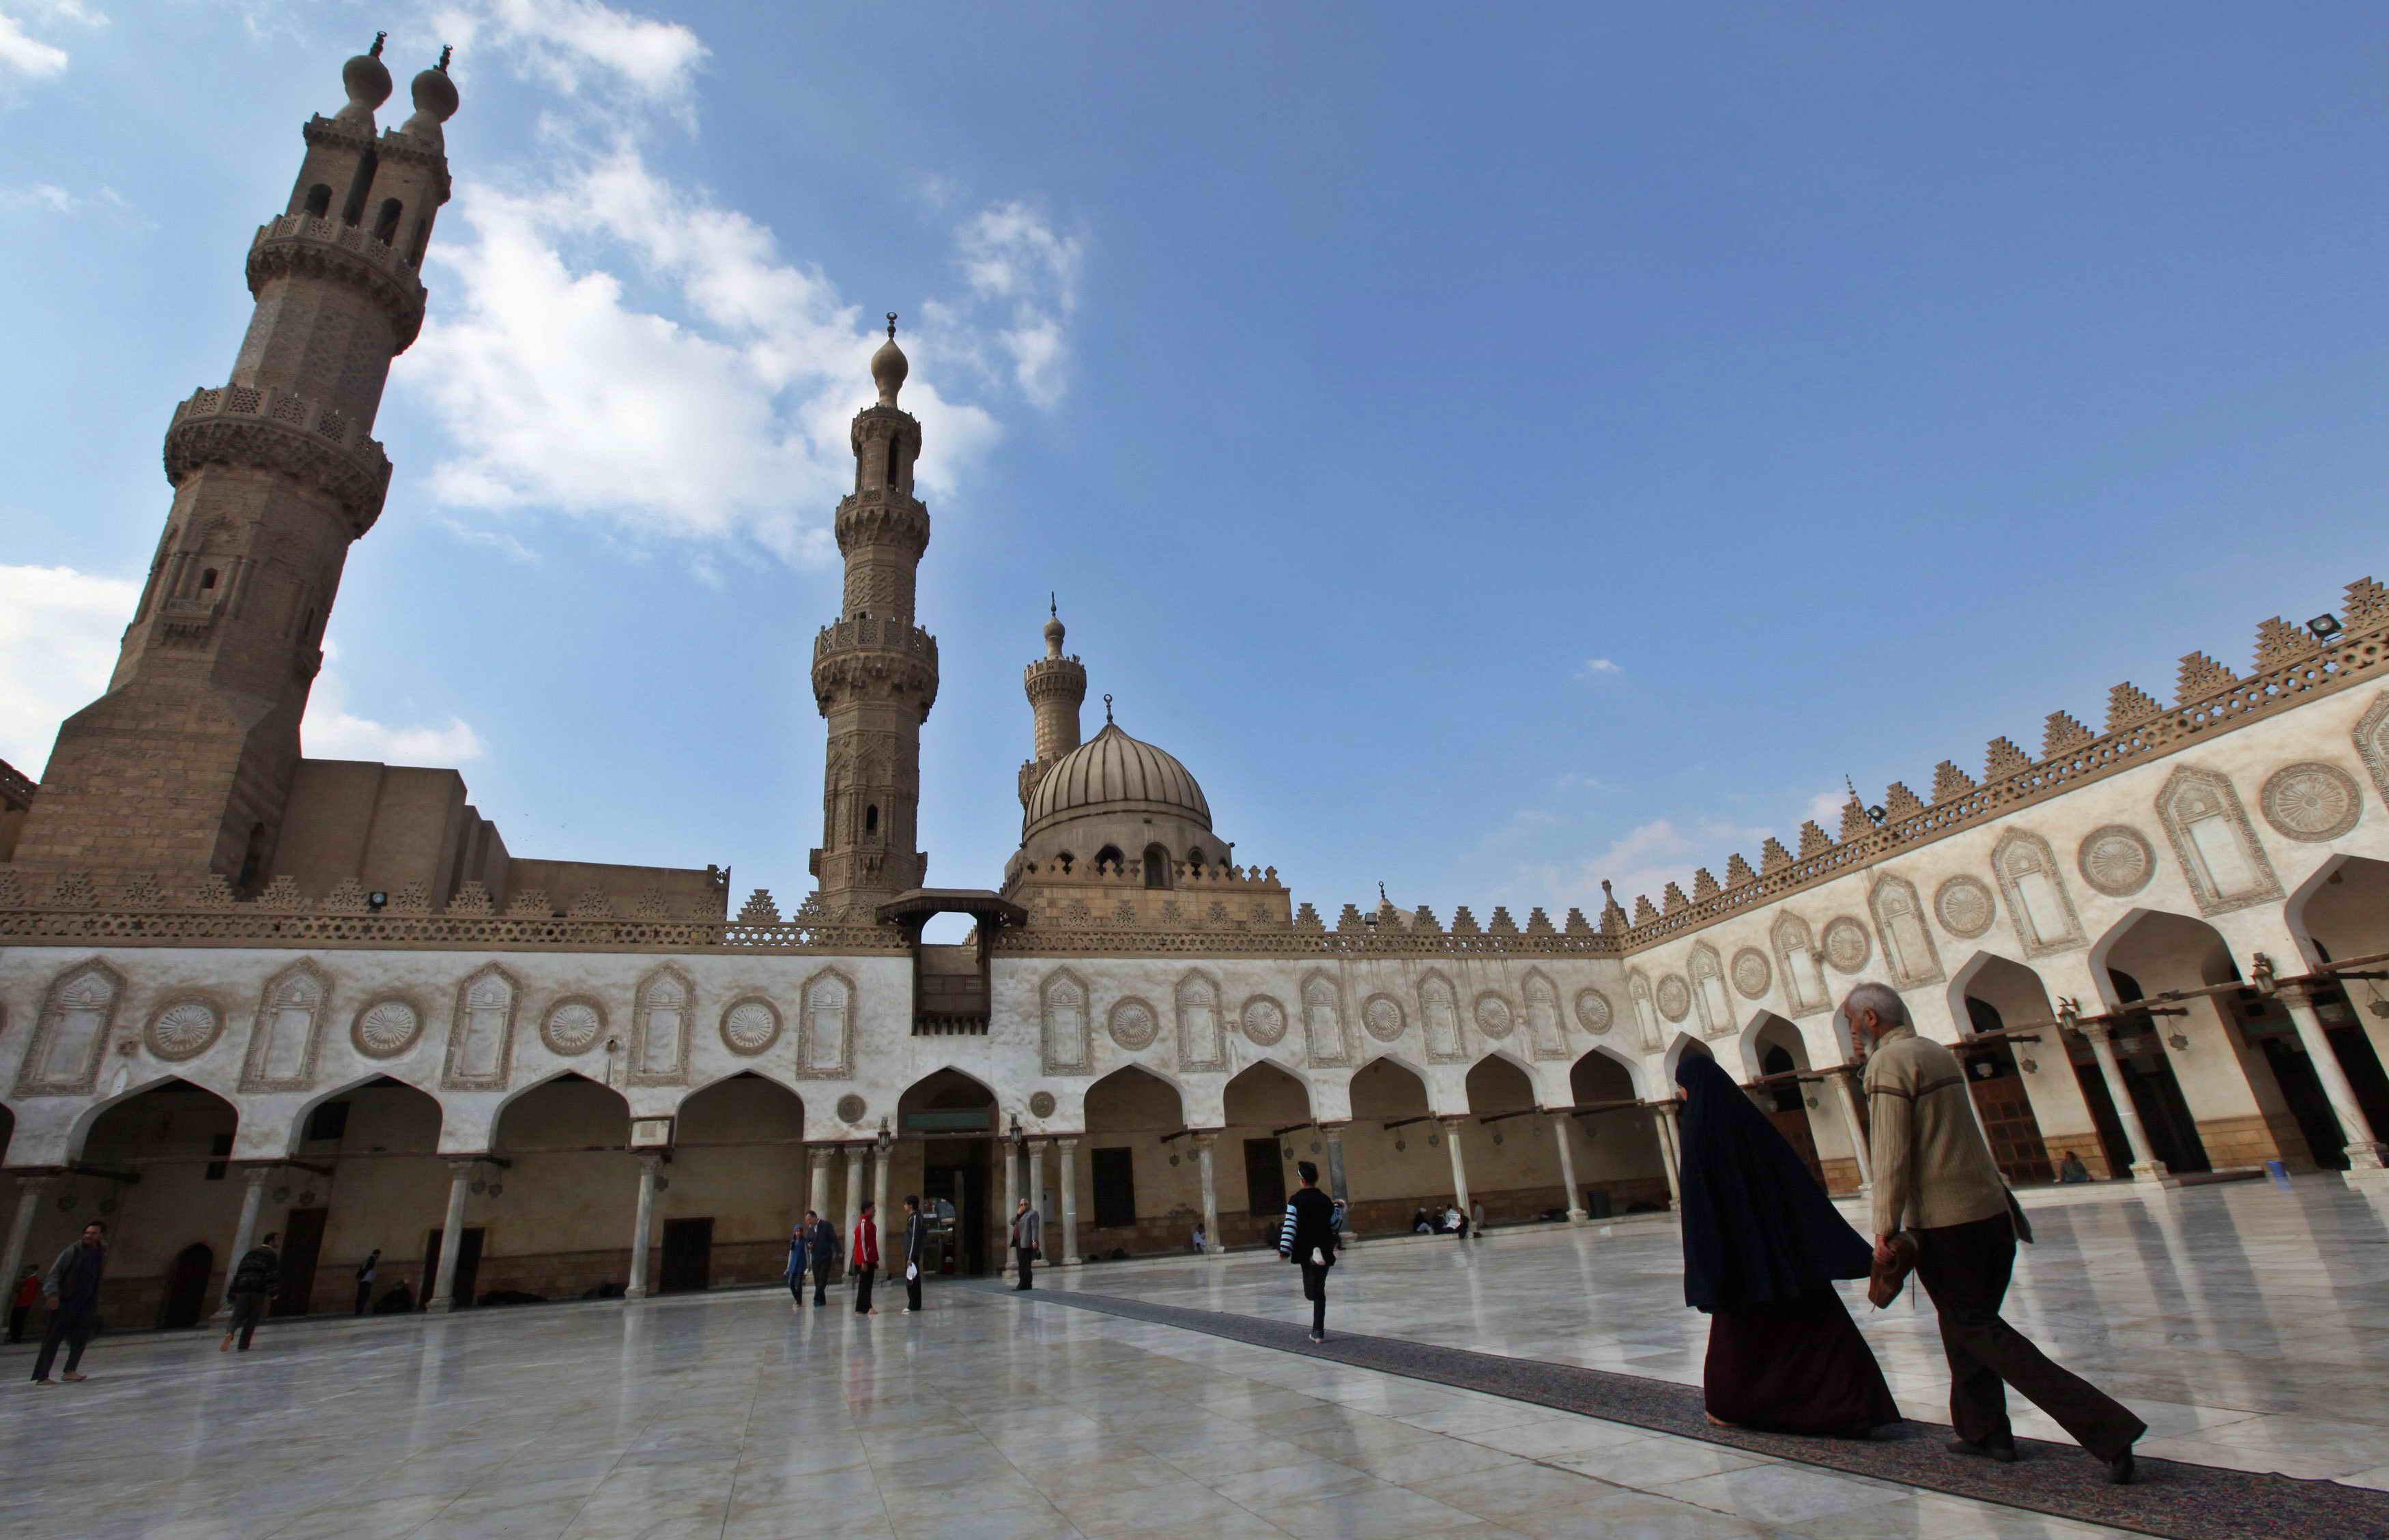 مصر تبدأ أعمال صيانة وترميم للجامع الأزهر